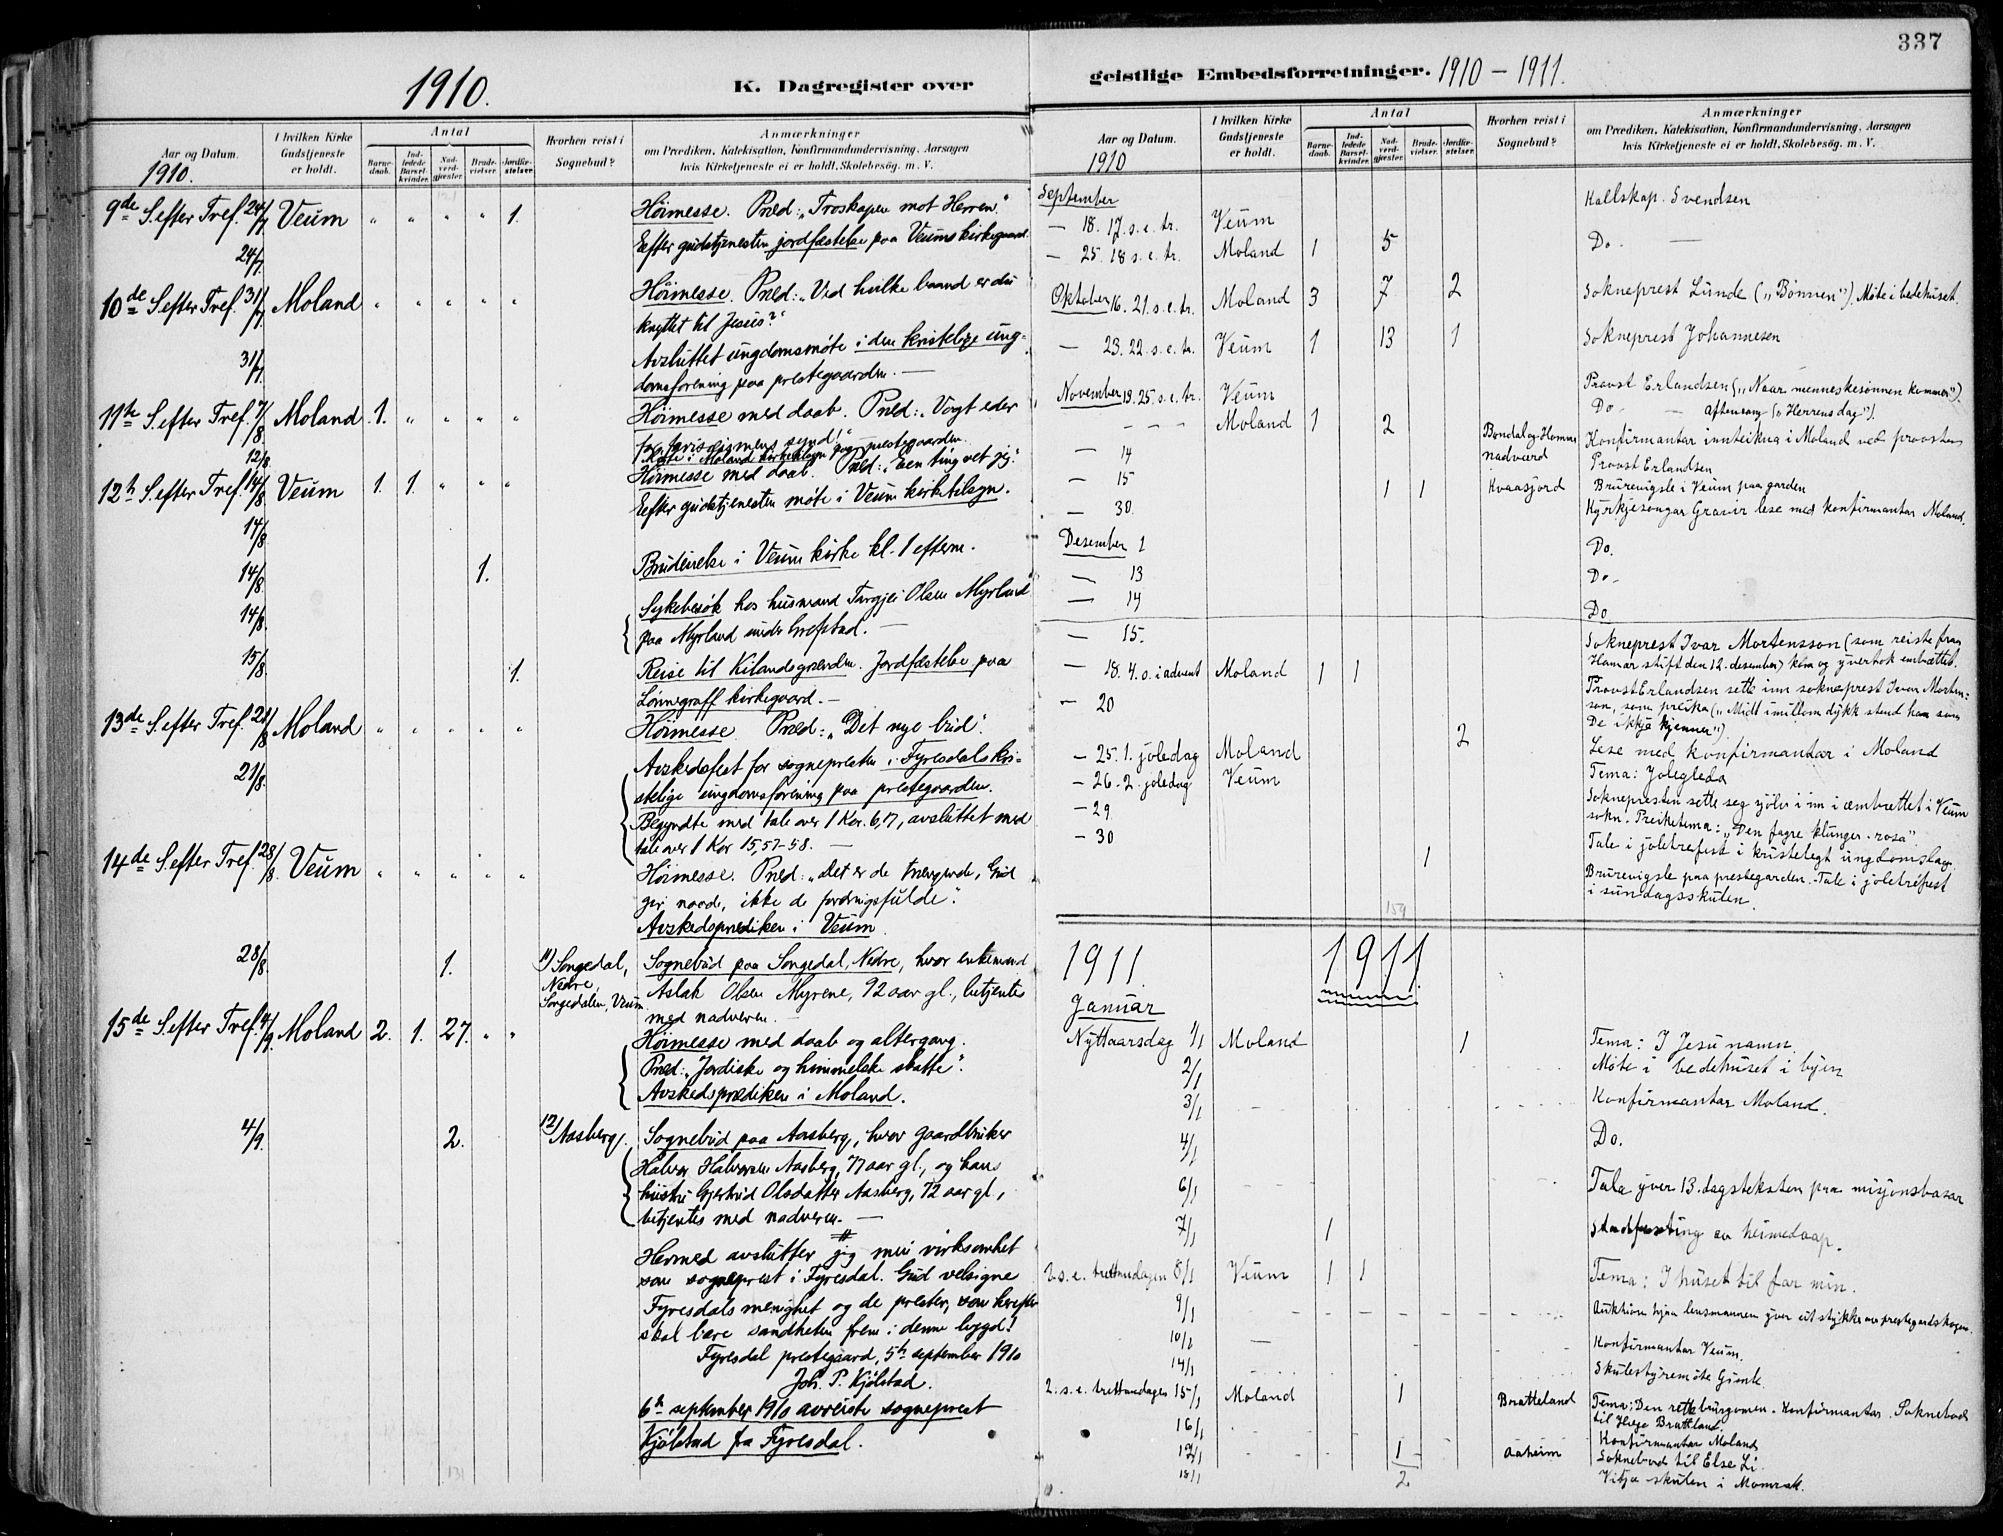 SAKO, Fyresdal kirkebøker, F/Fa/L0007: Ministerialbok nr. I 7, 1887-1914, s. 337